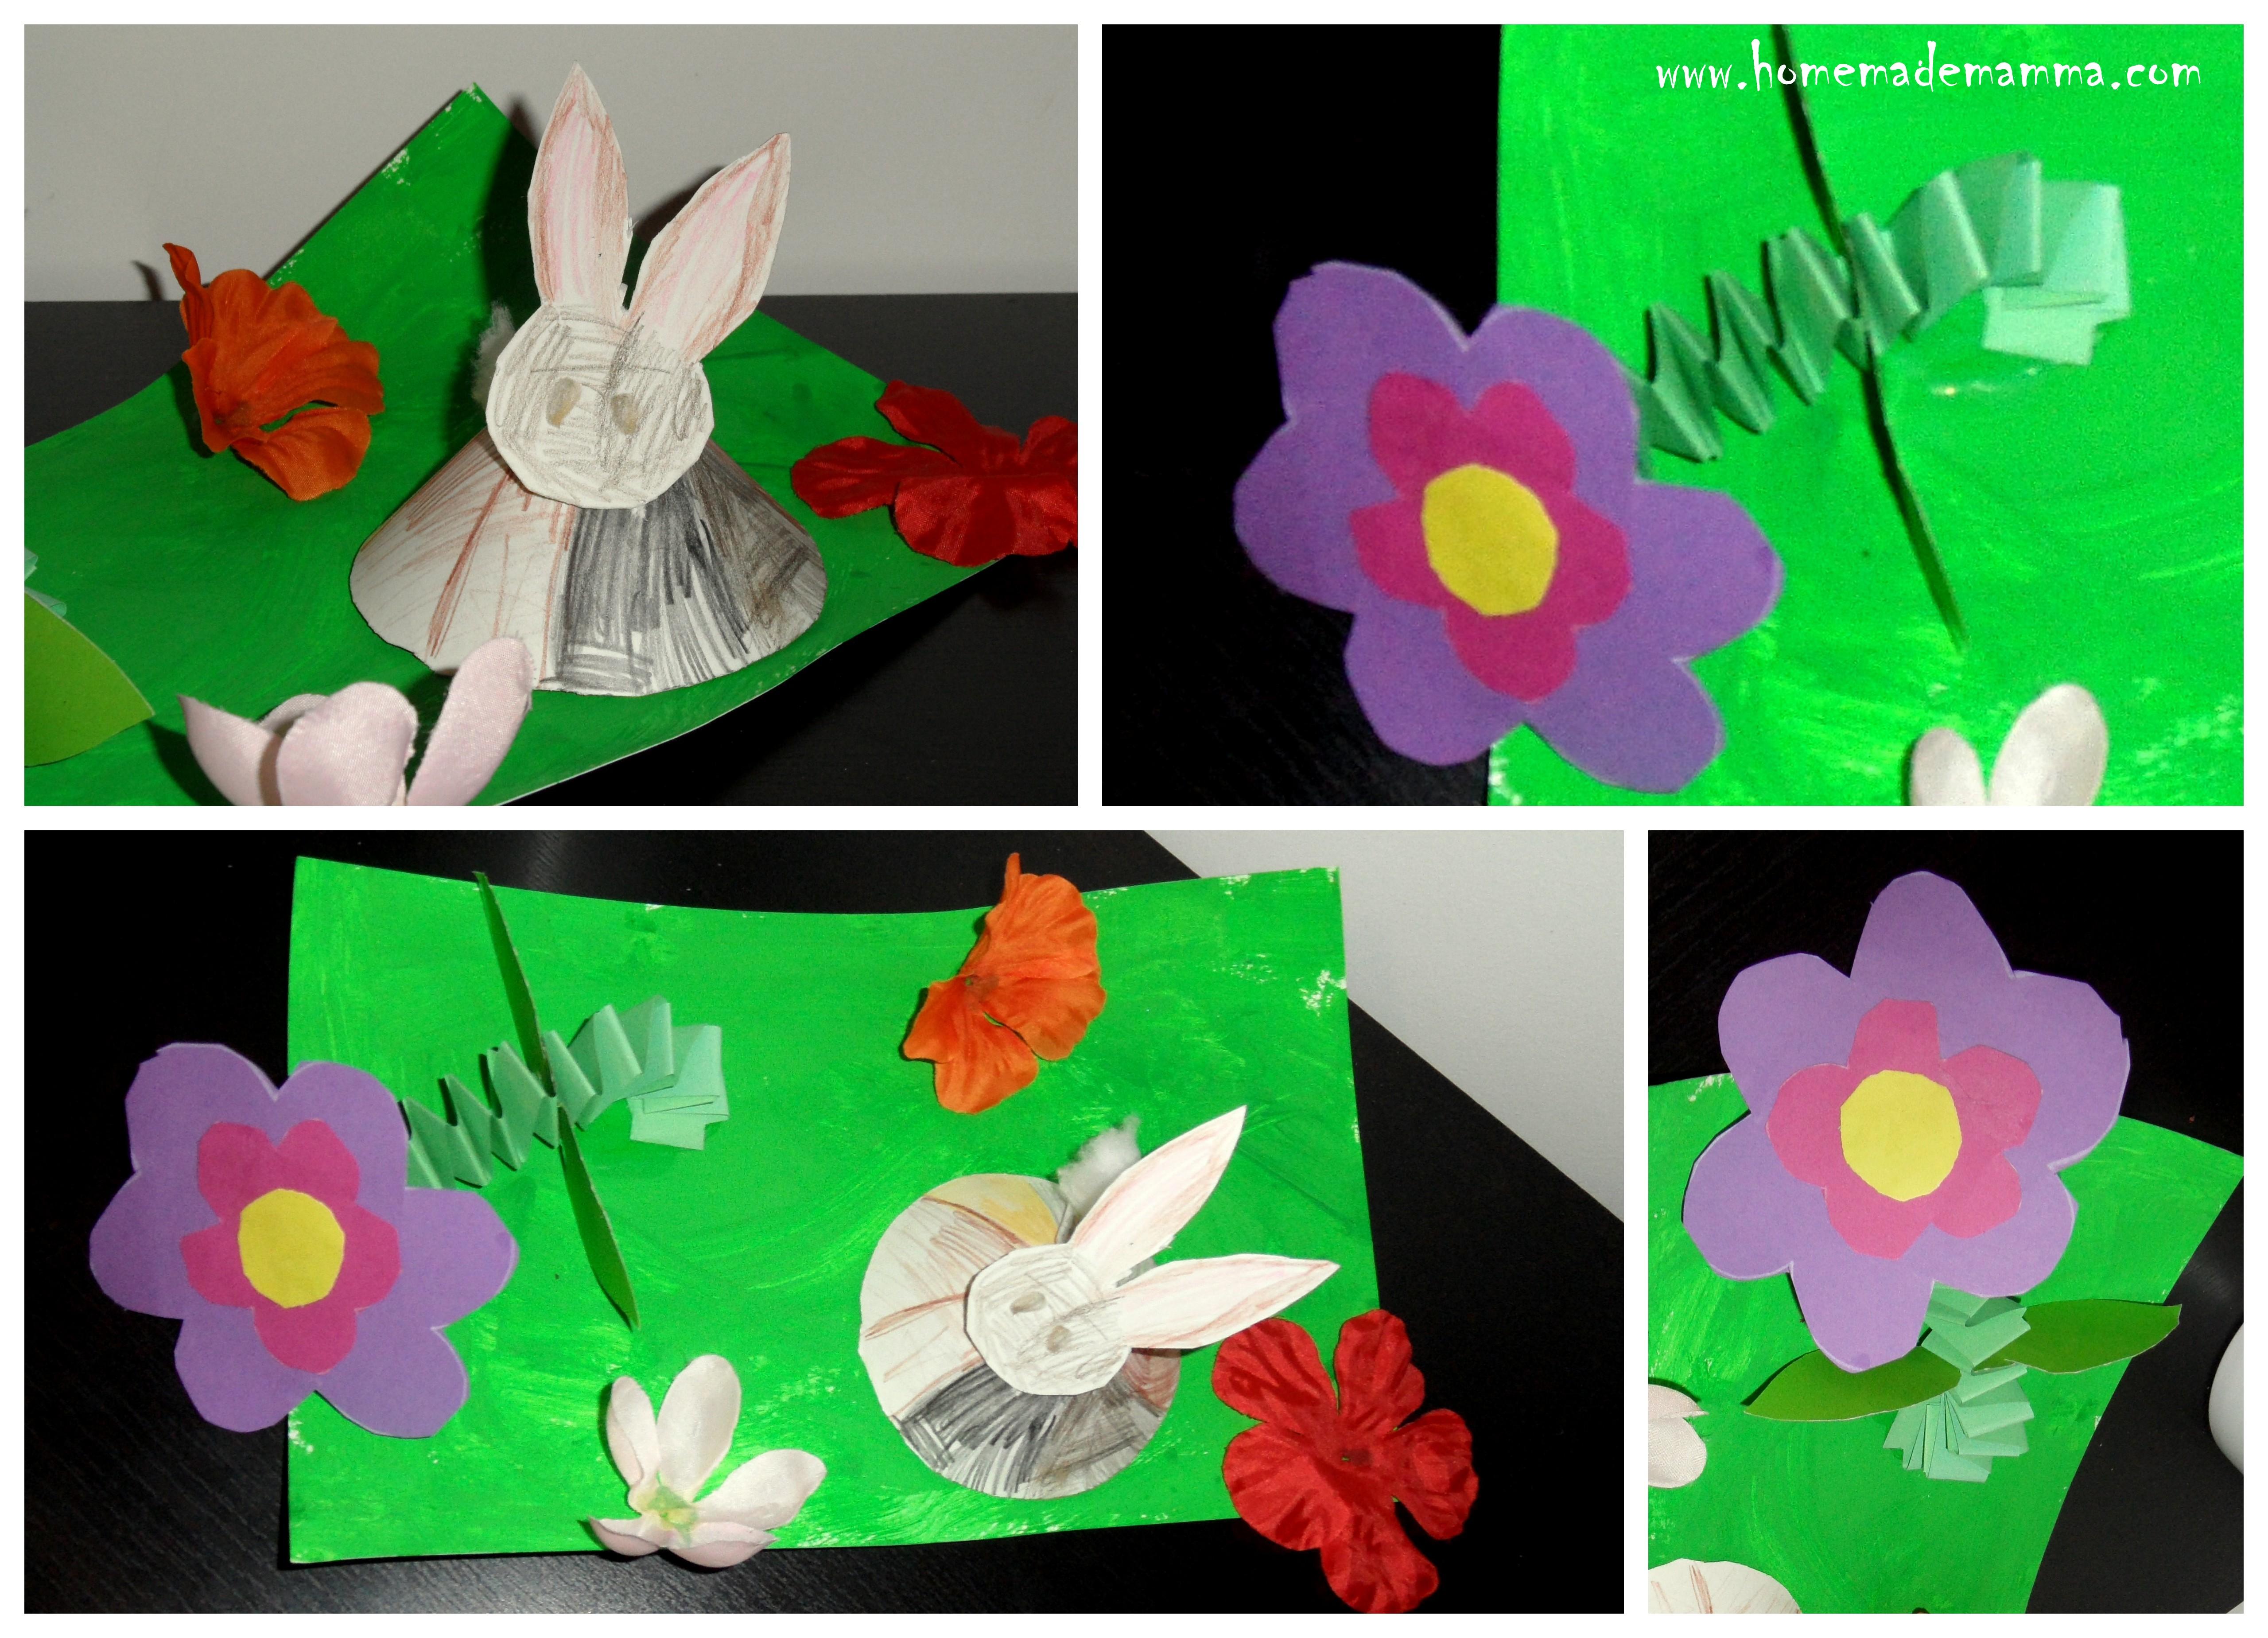 Lavoretti bambini pasqua - Modelli di coniglietto pasquale gratis ...